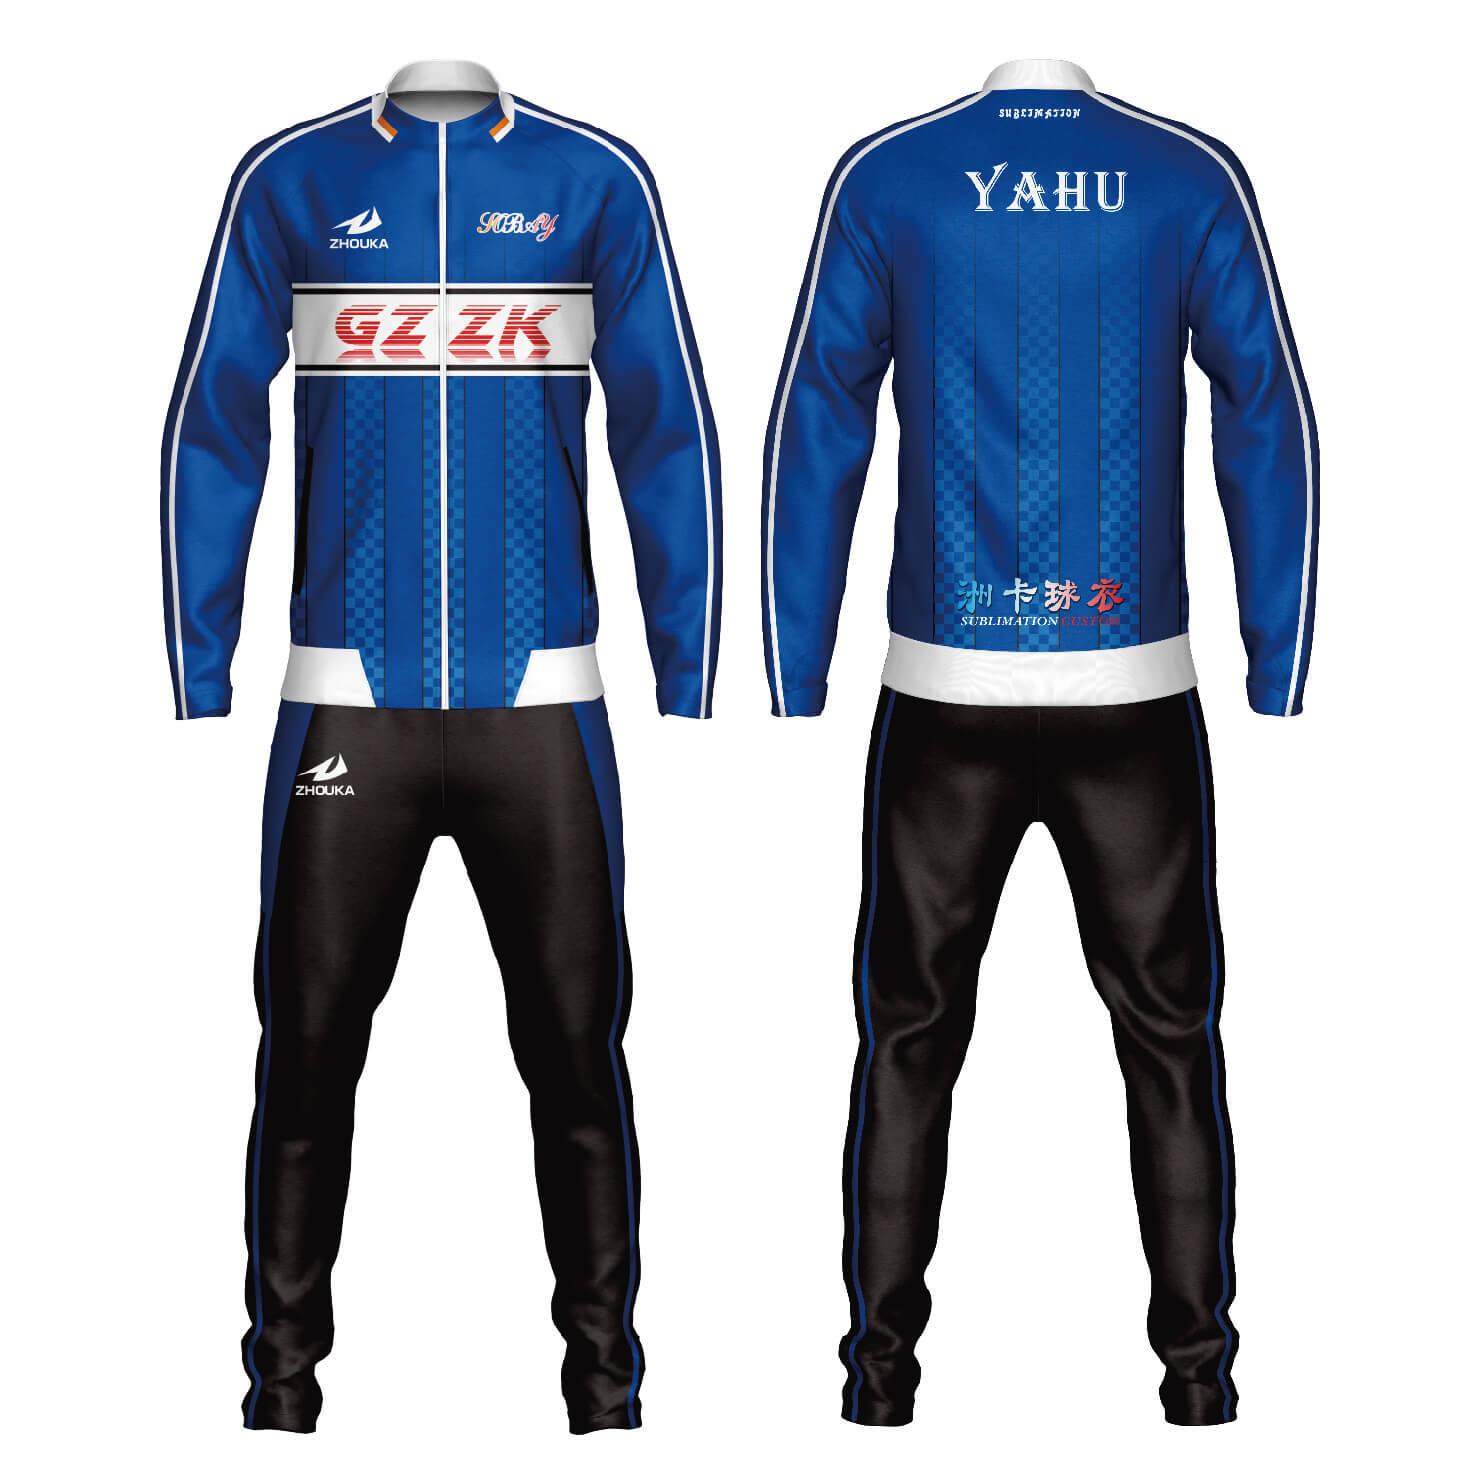 定制运动服配套足球服运动服